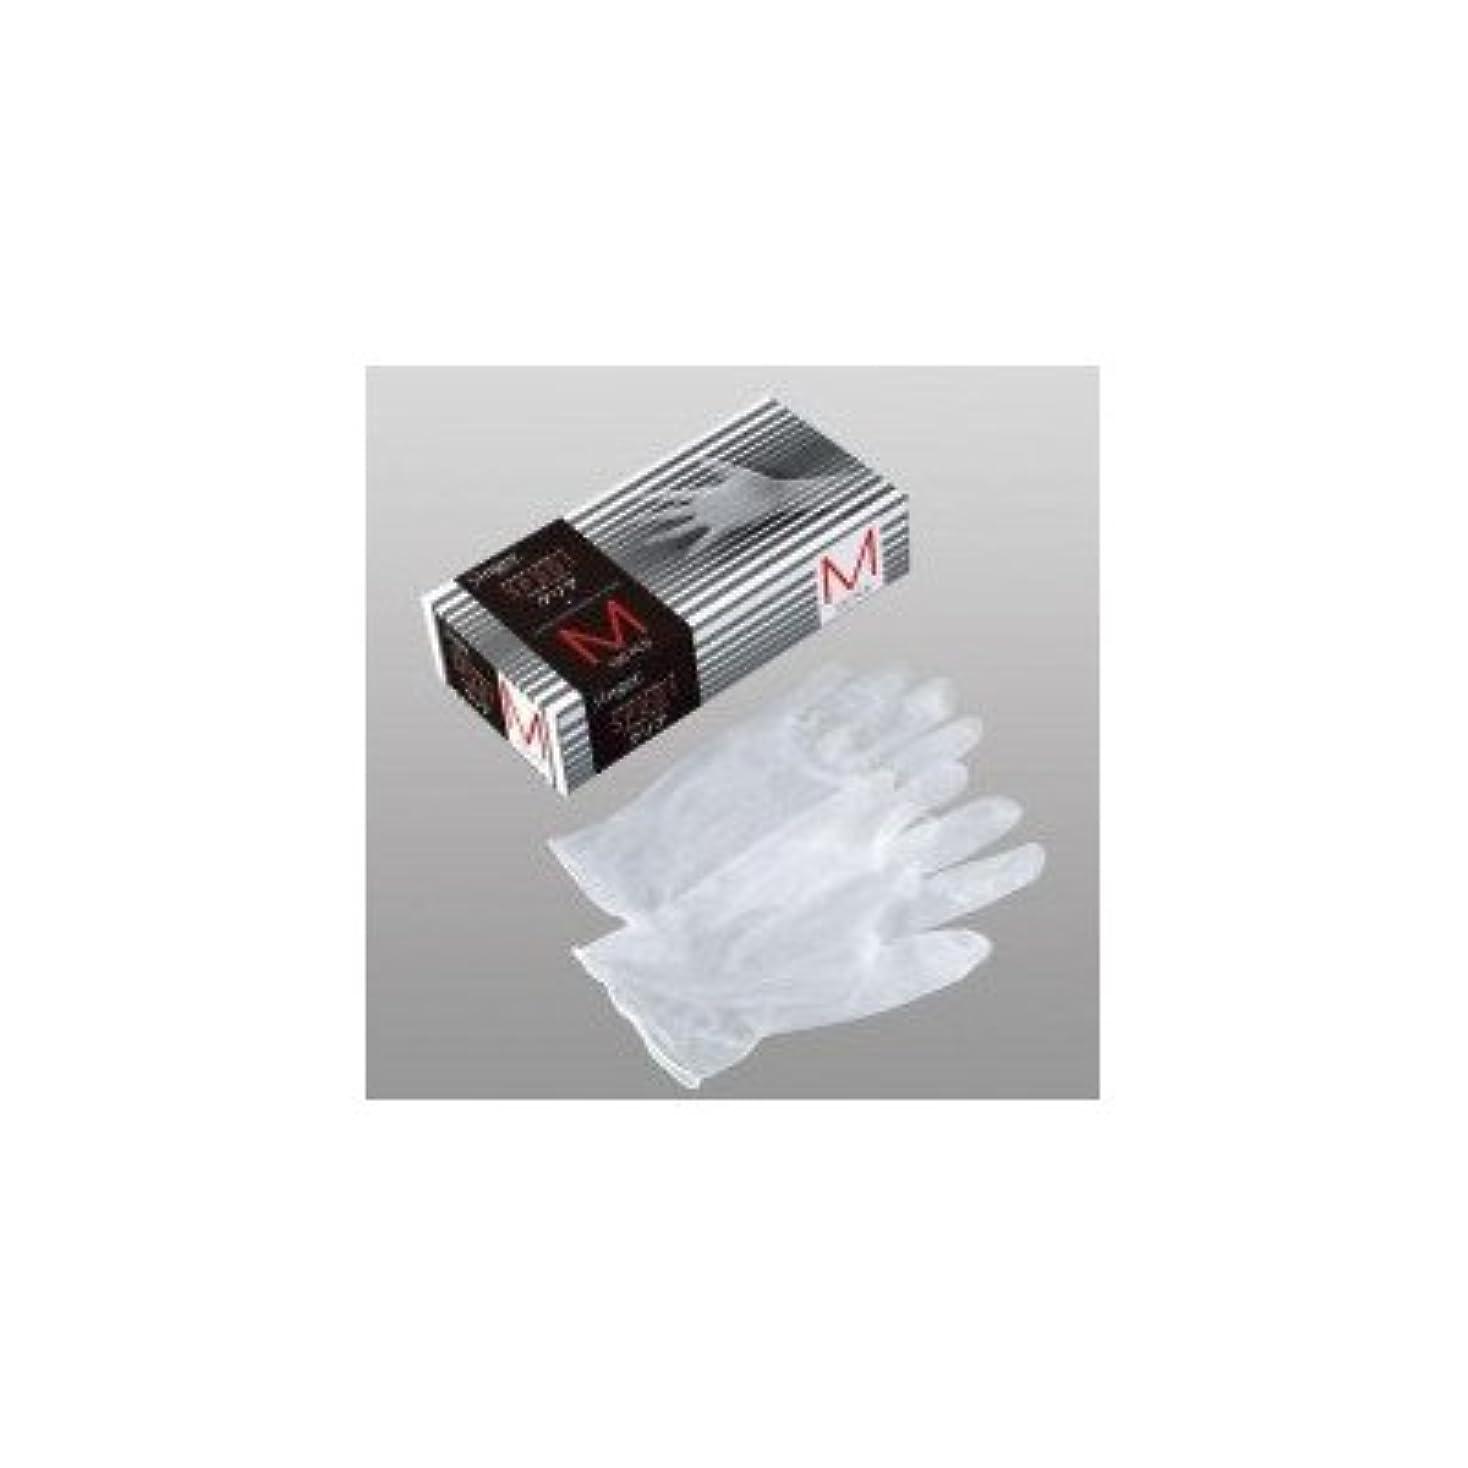 厳密に全部ラフトシンガープラスチックグローブ(手袋) SP201 パウダーフリー クリアー(100枚) S( 画像はイメージ画像です お届けの商品はSのみとなります)